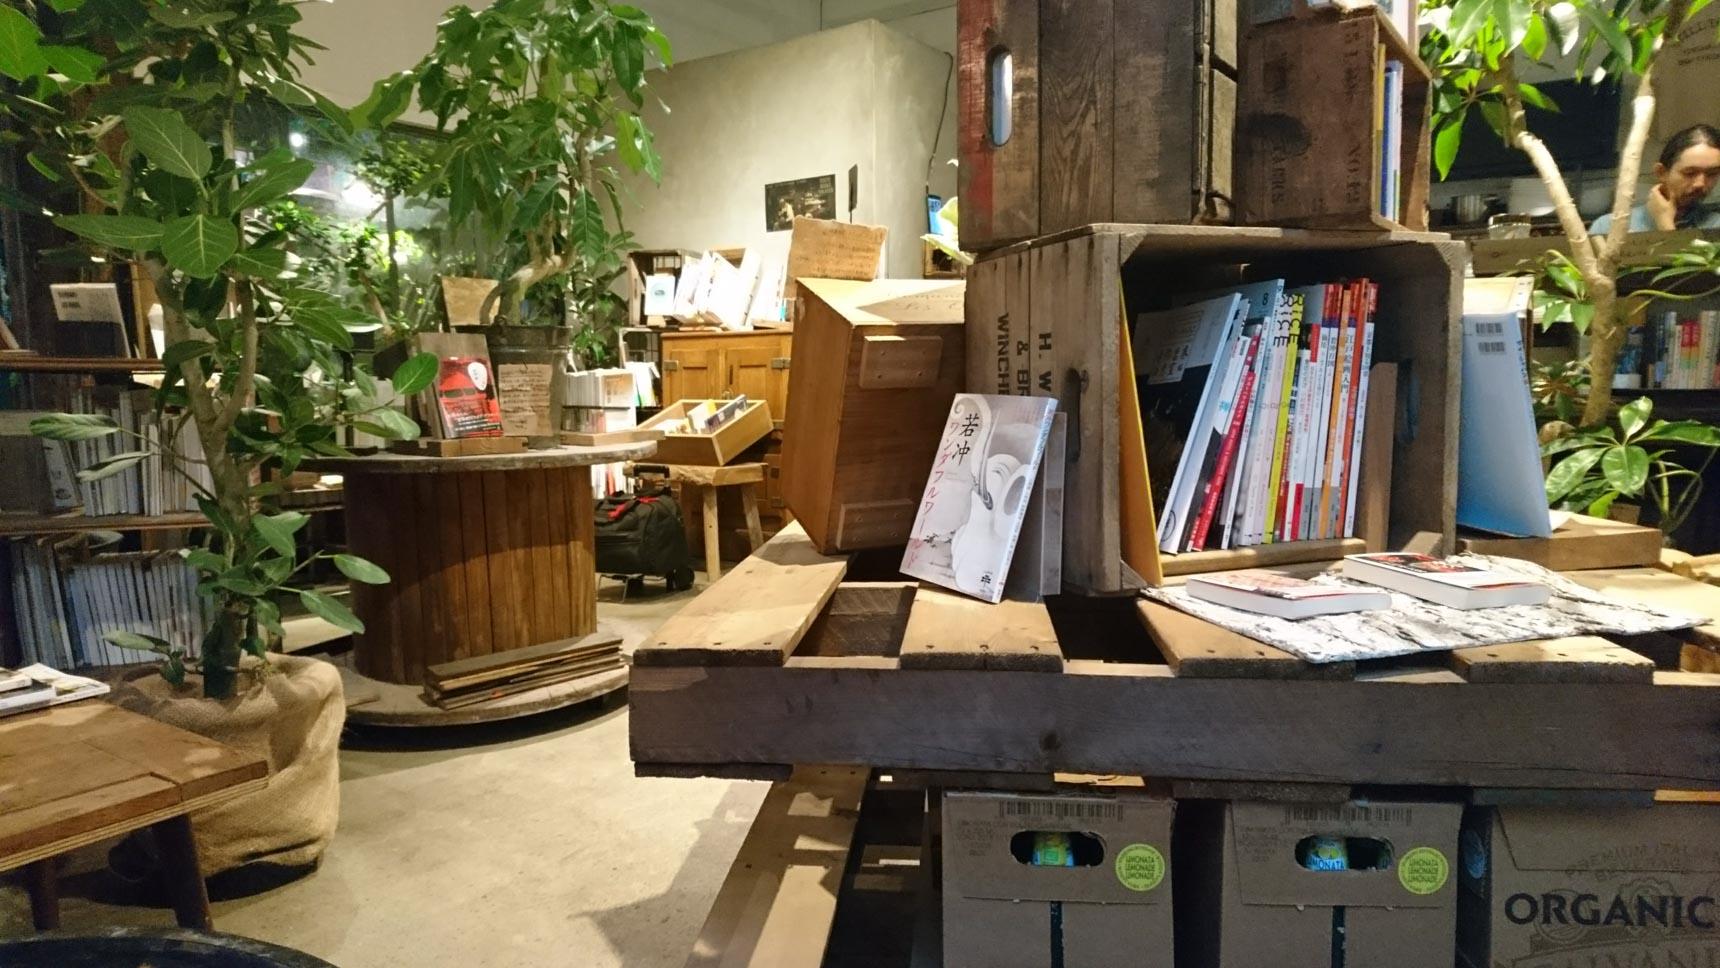 お店で使われている家具や什器も購入できるのだそう。